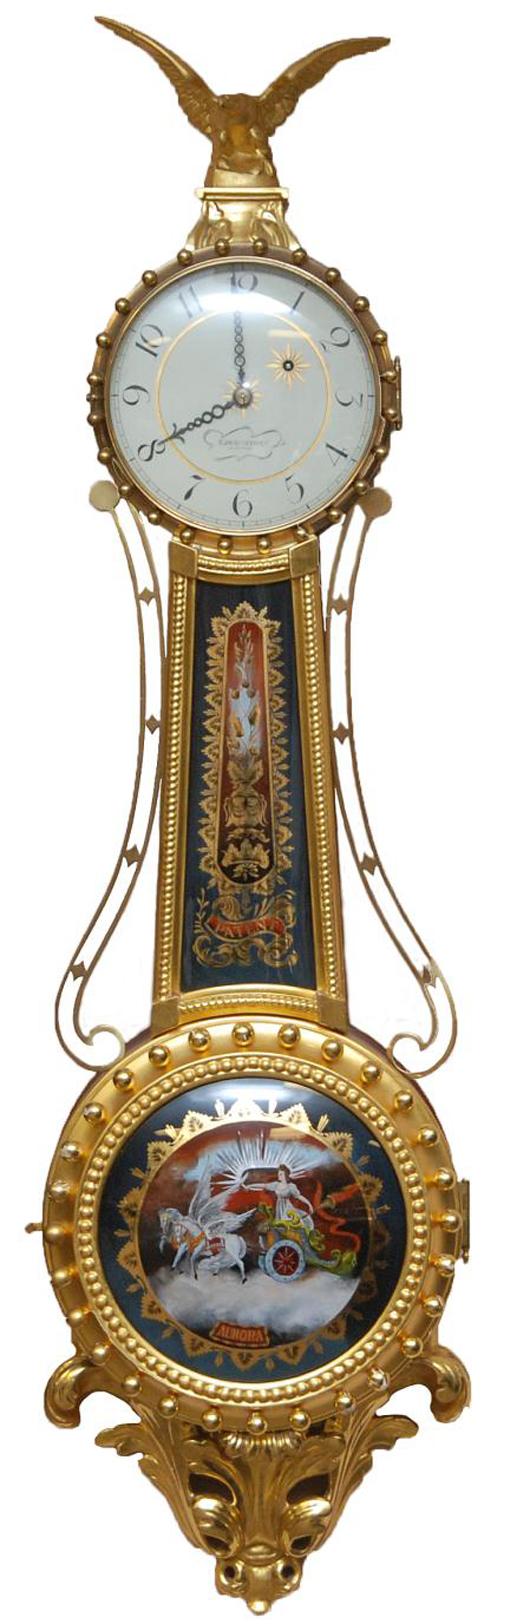 Striking 20th century Elmer O. Stennes 'Aurora' girandole banjo clock. Estimate: $3,000-$5,000. Elite Decorative Arts image.